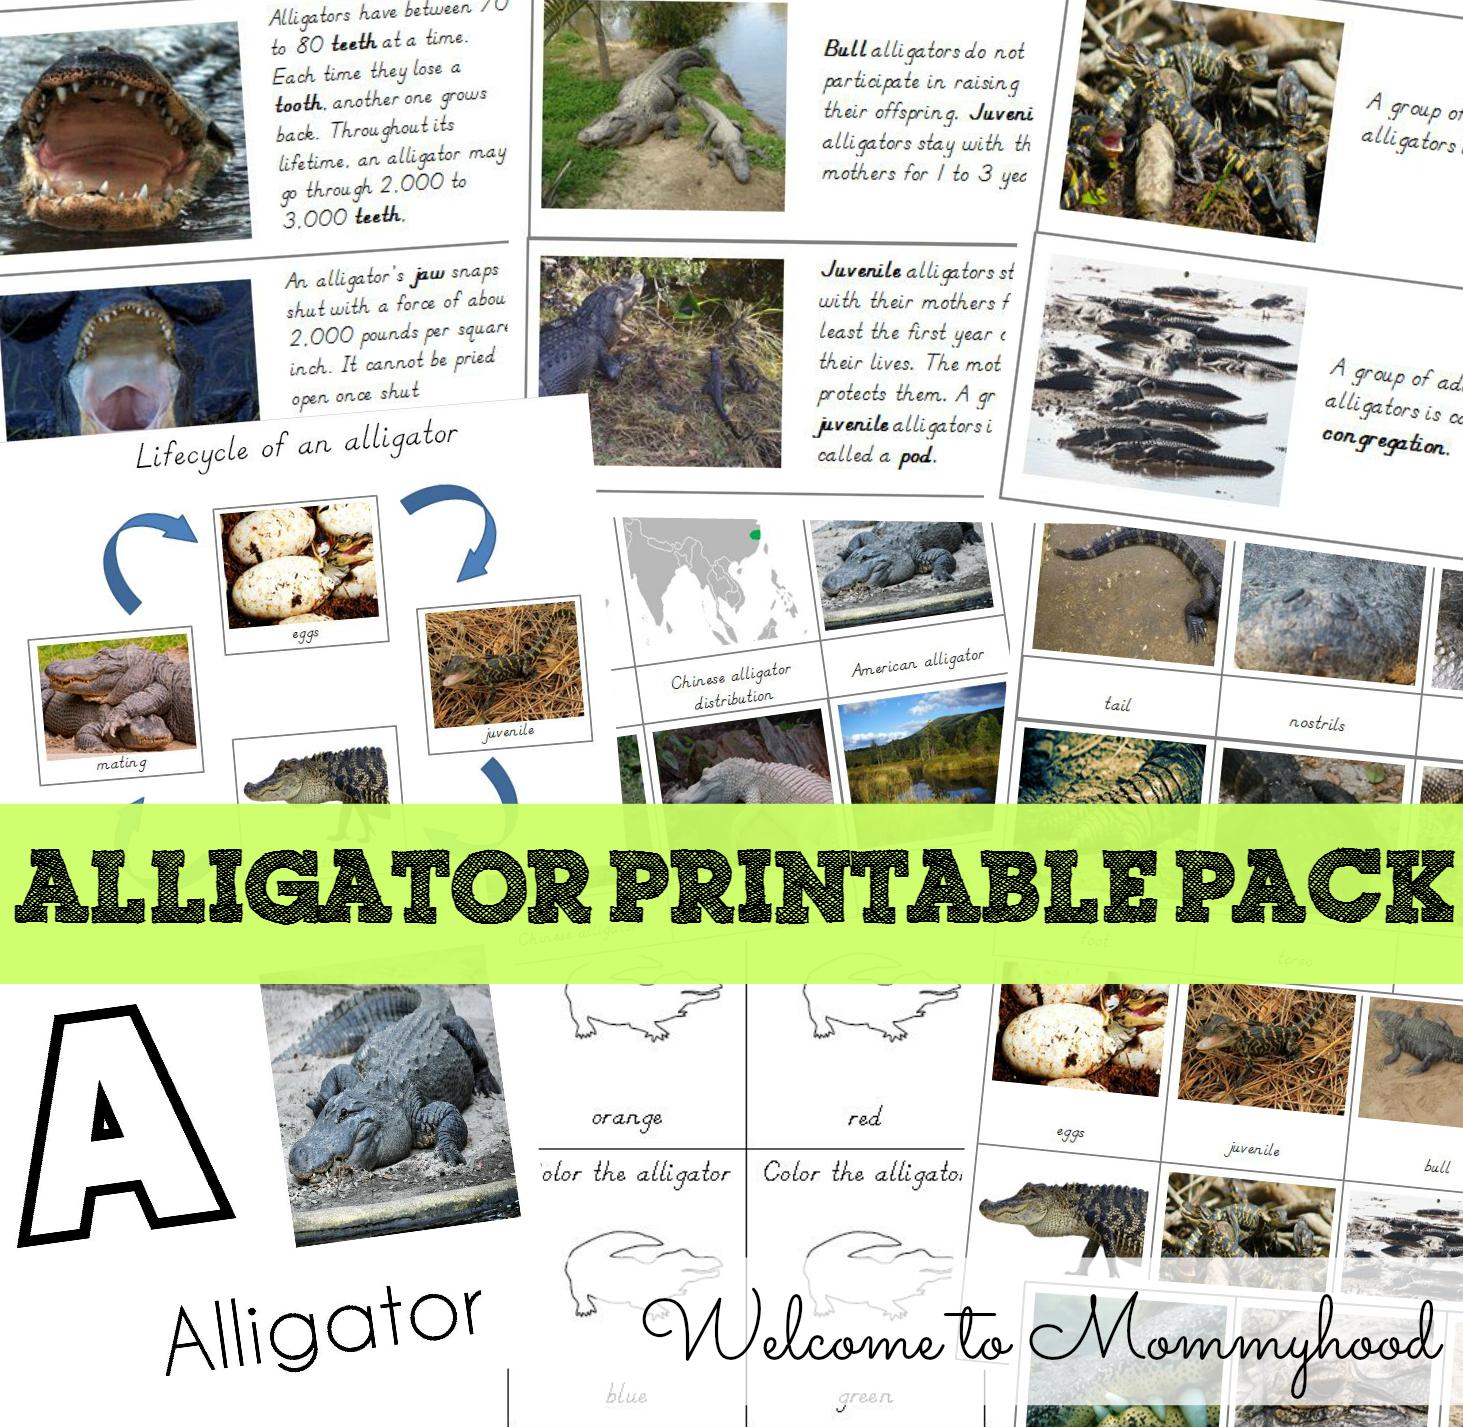 Preschool activities: FREE alligator printables by Welcome to Mommyhood #preschoolactivities, #toddleractivities, #montessori, #freeprintables